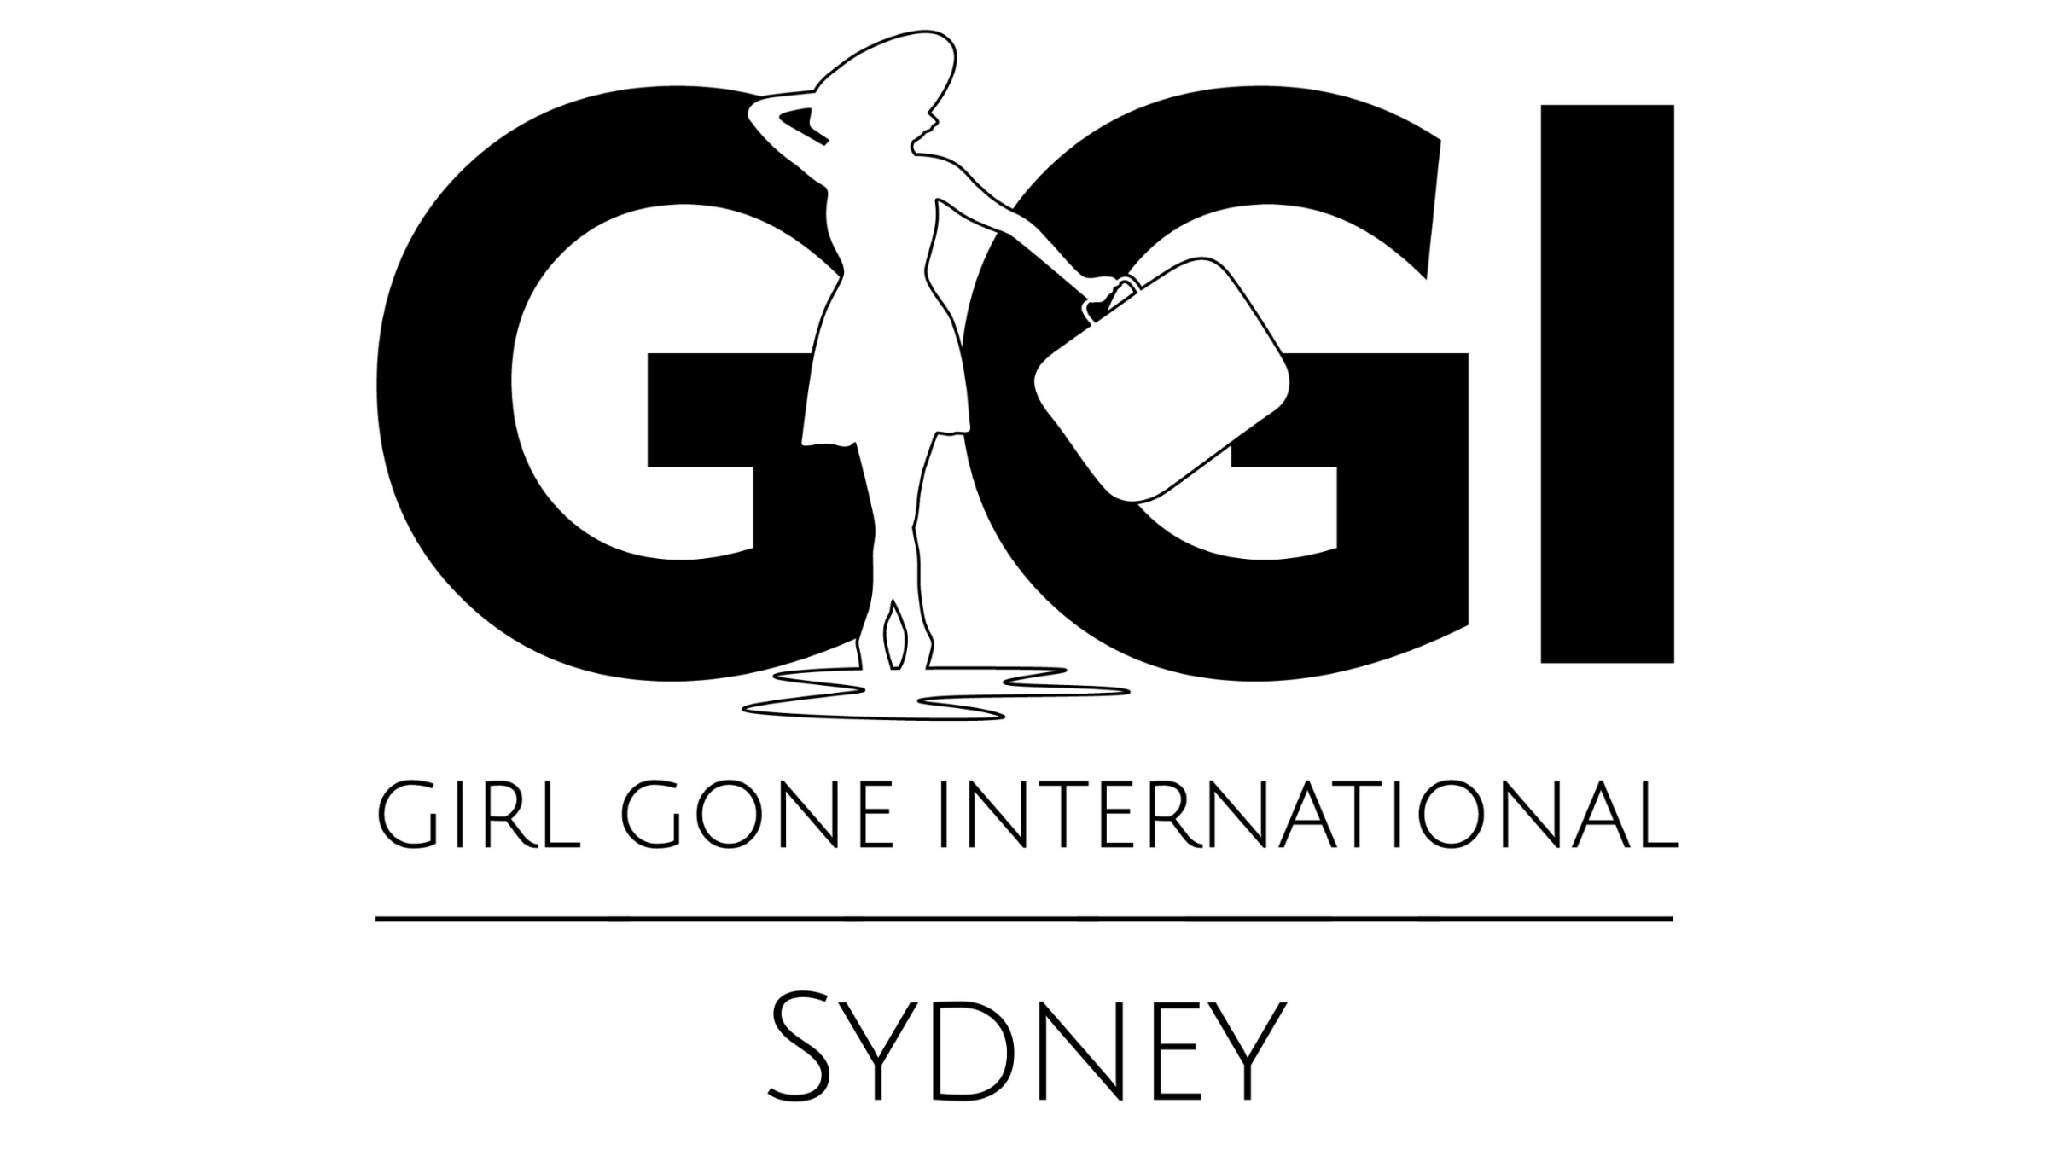 Sydney Girl Gone International